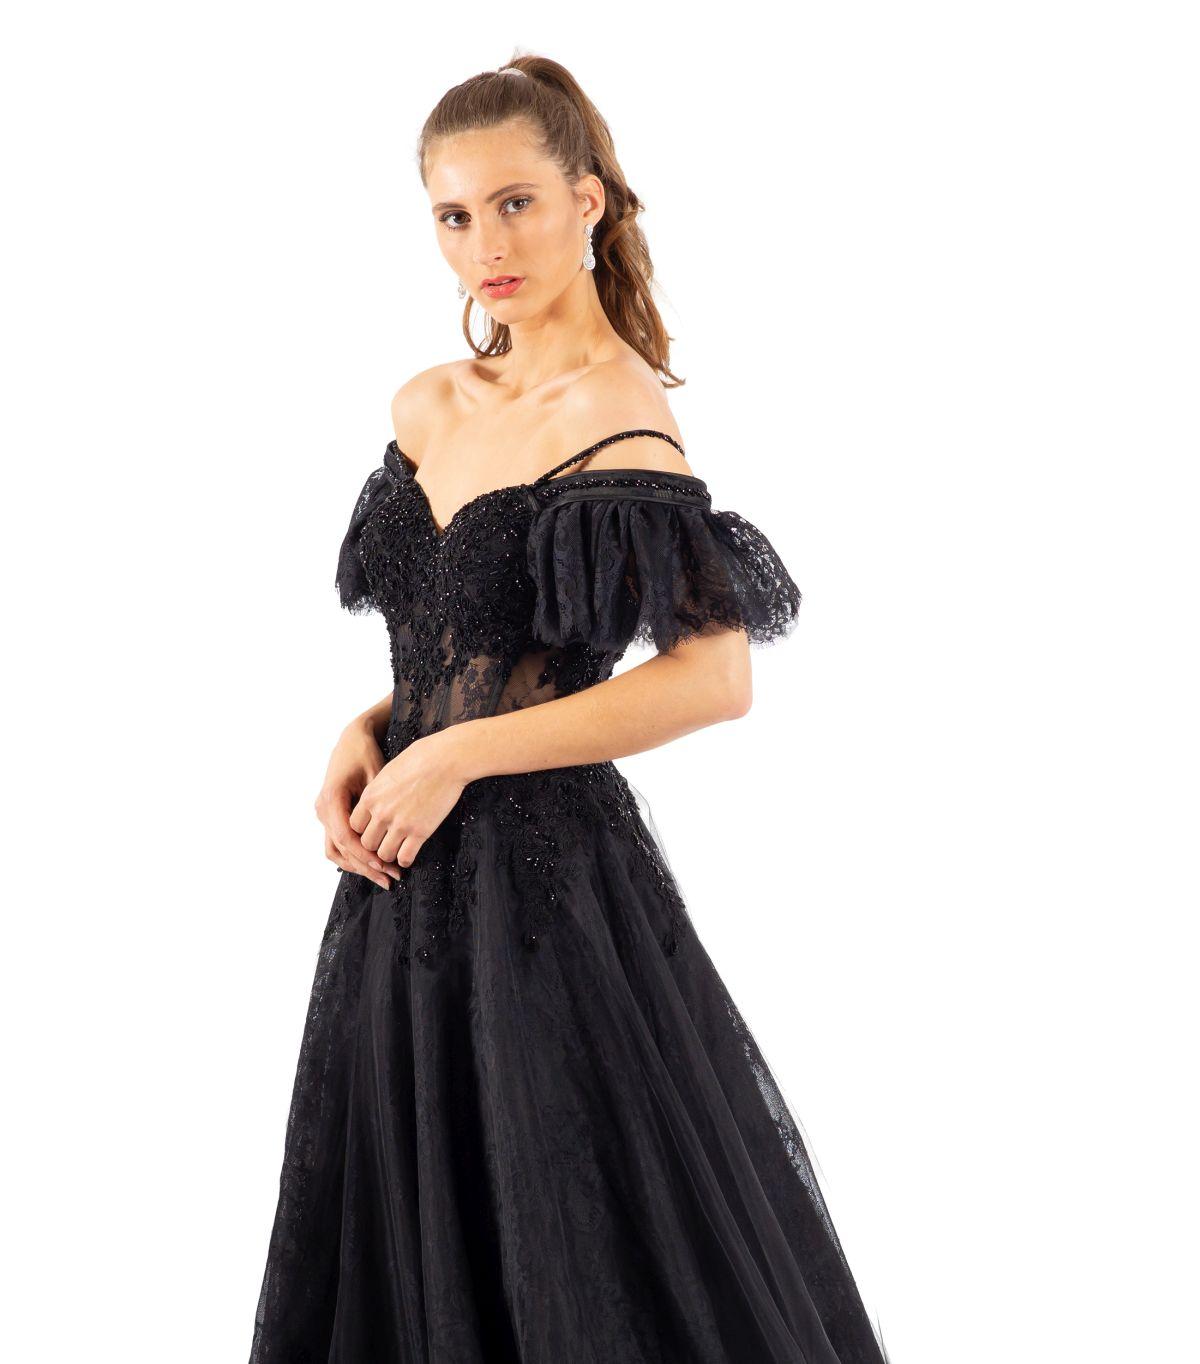 Anna schwarzes Brautkleid detailansicht